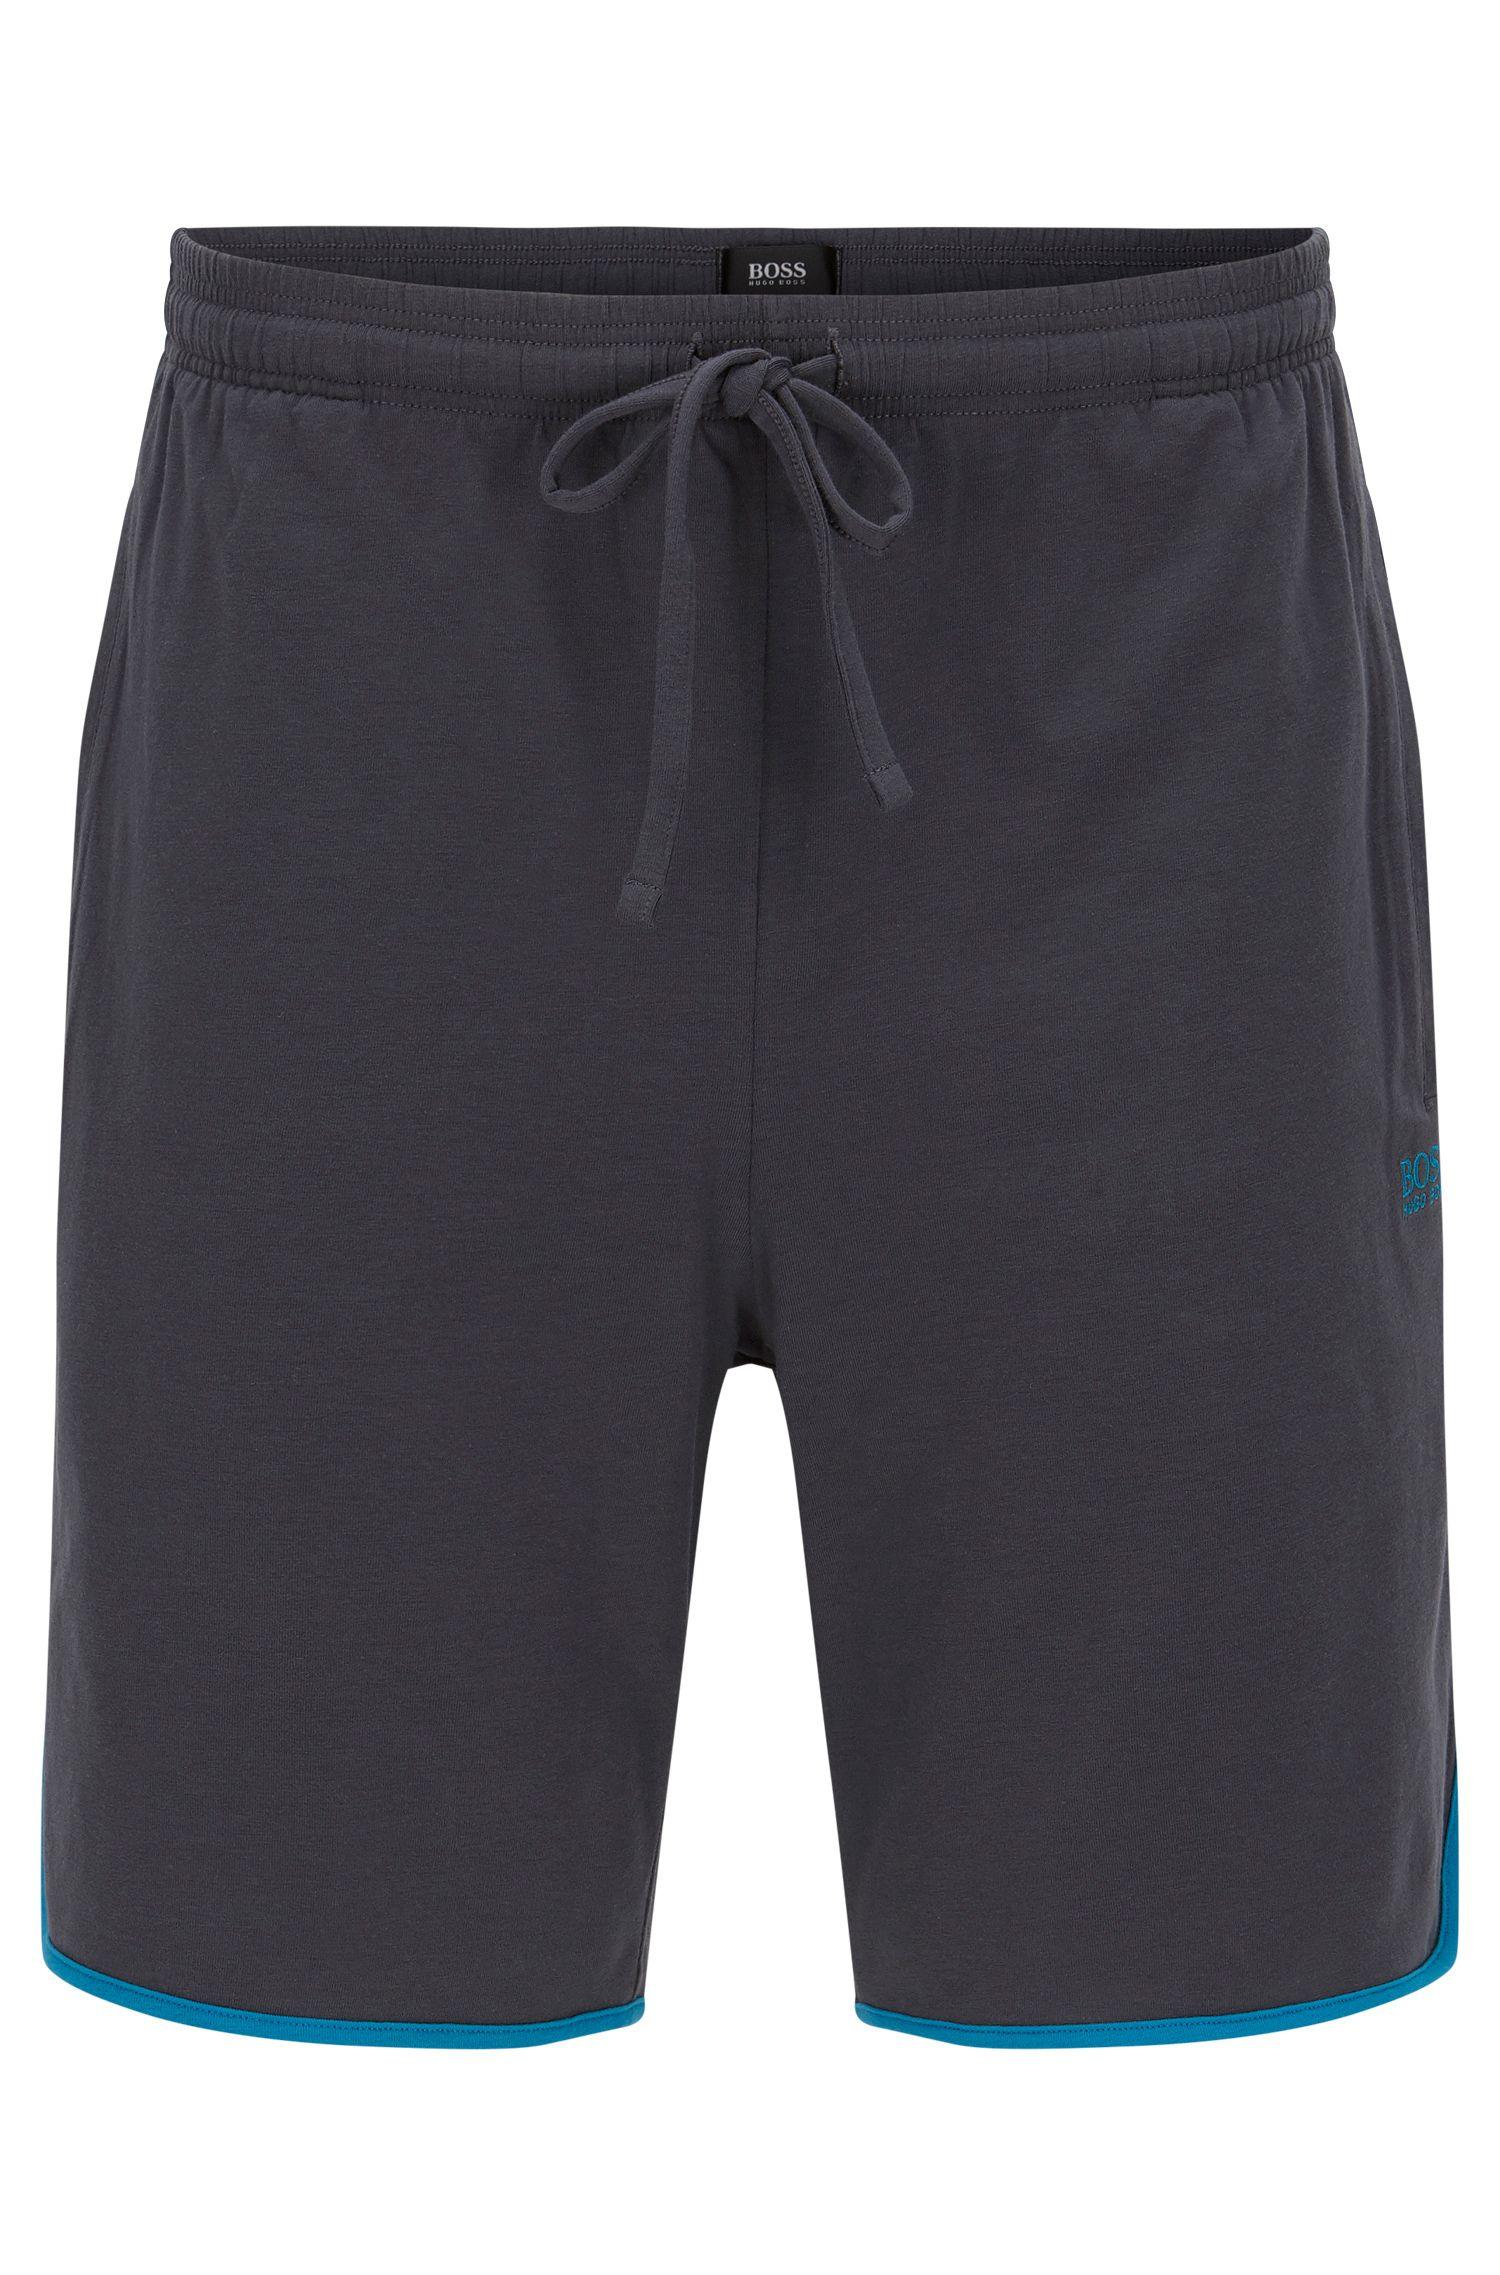 Pantaloni del pigiama con guarnizioni a contrasto